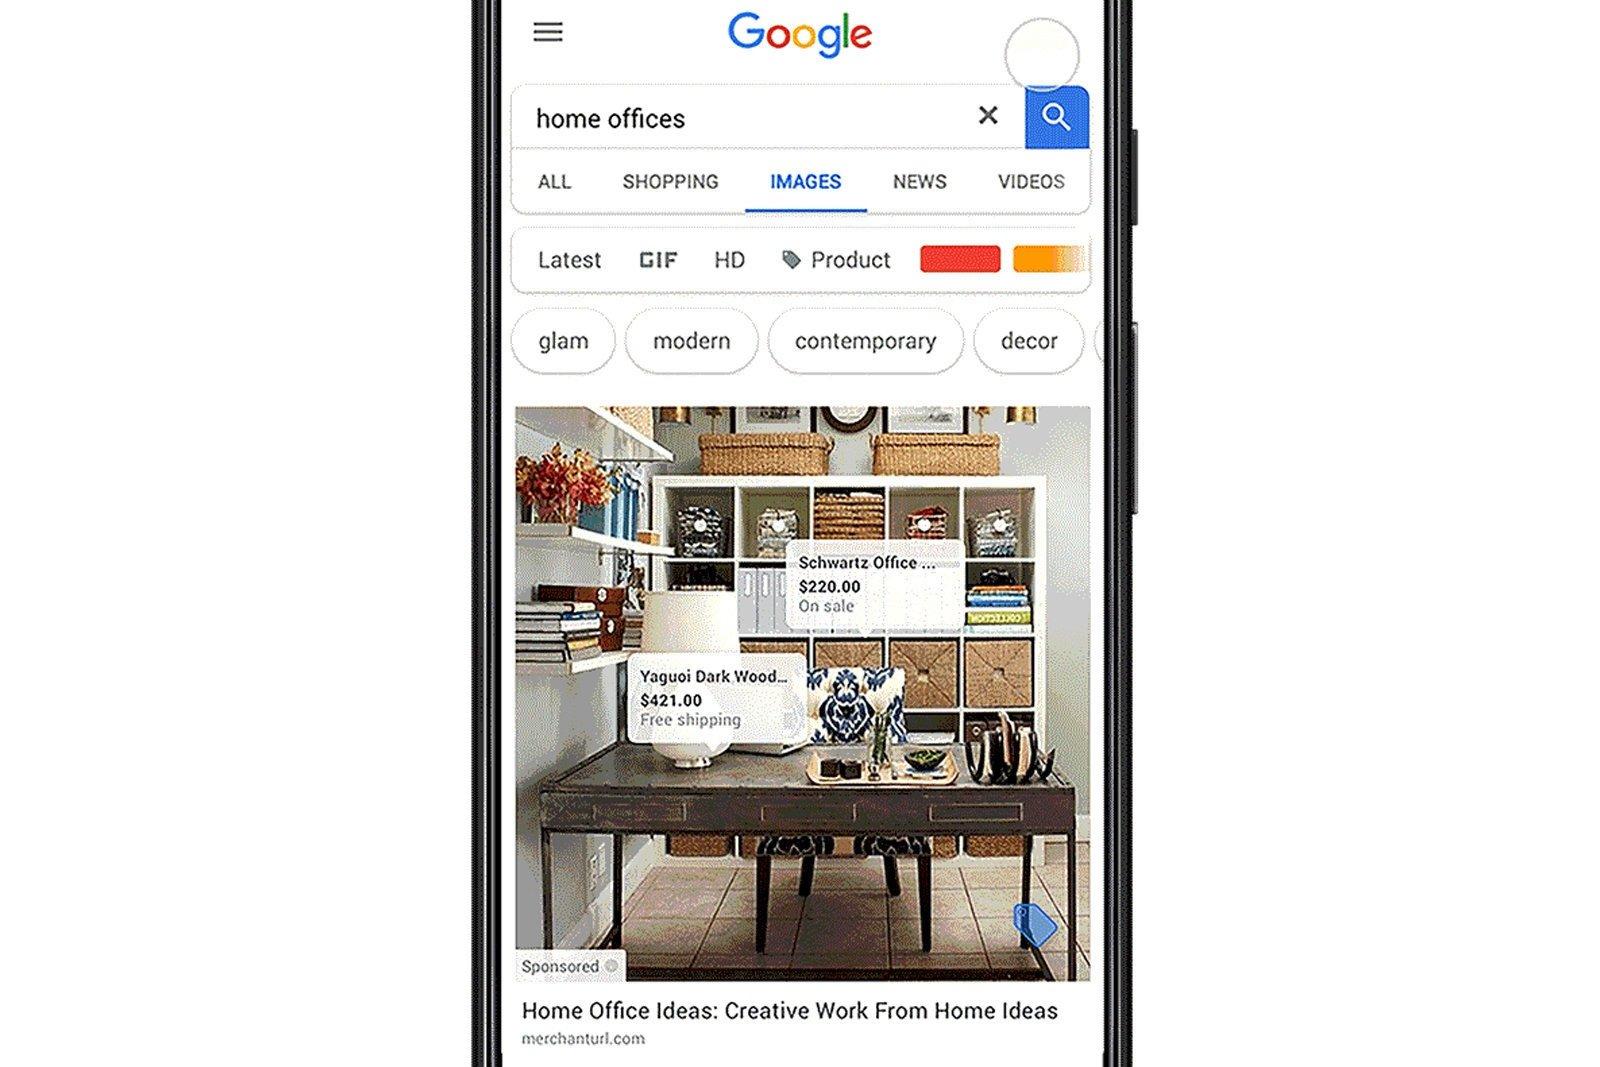 google imagens com publicidade